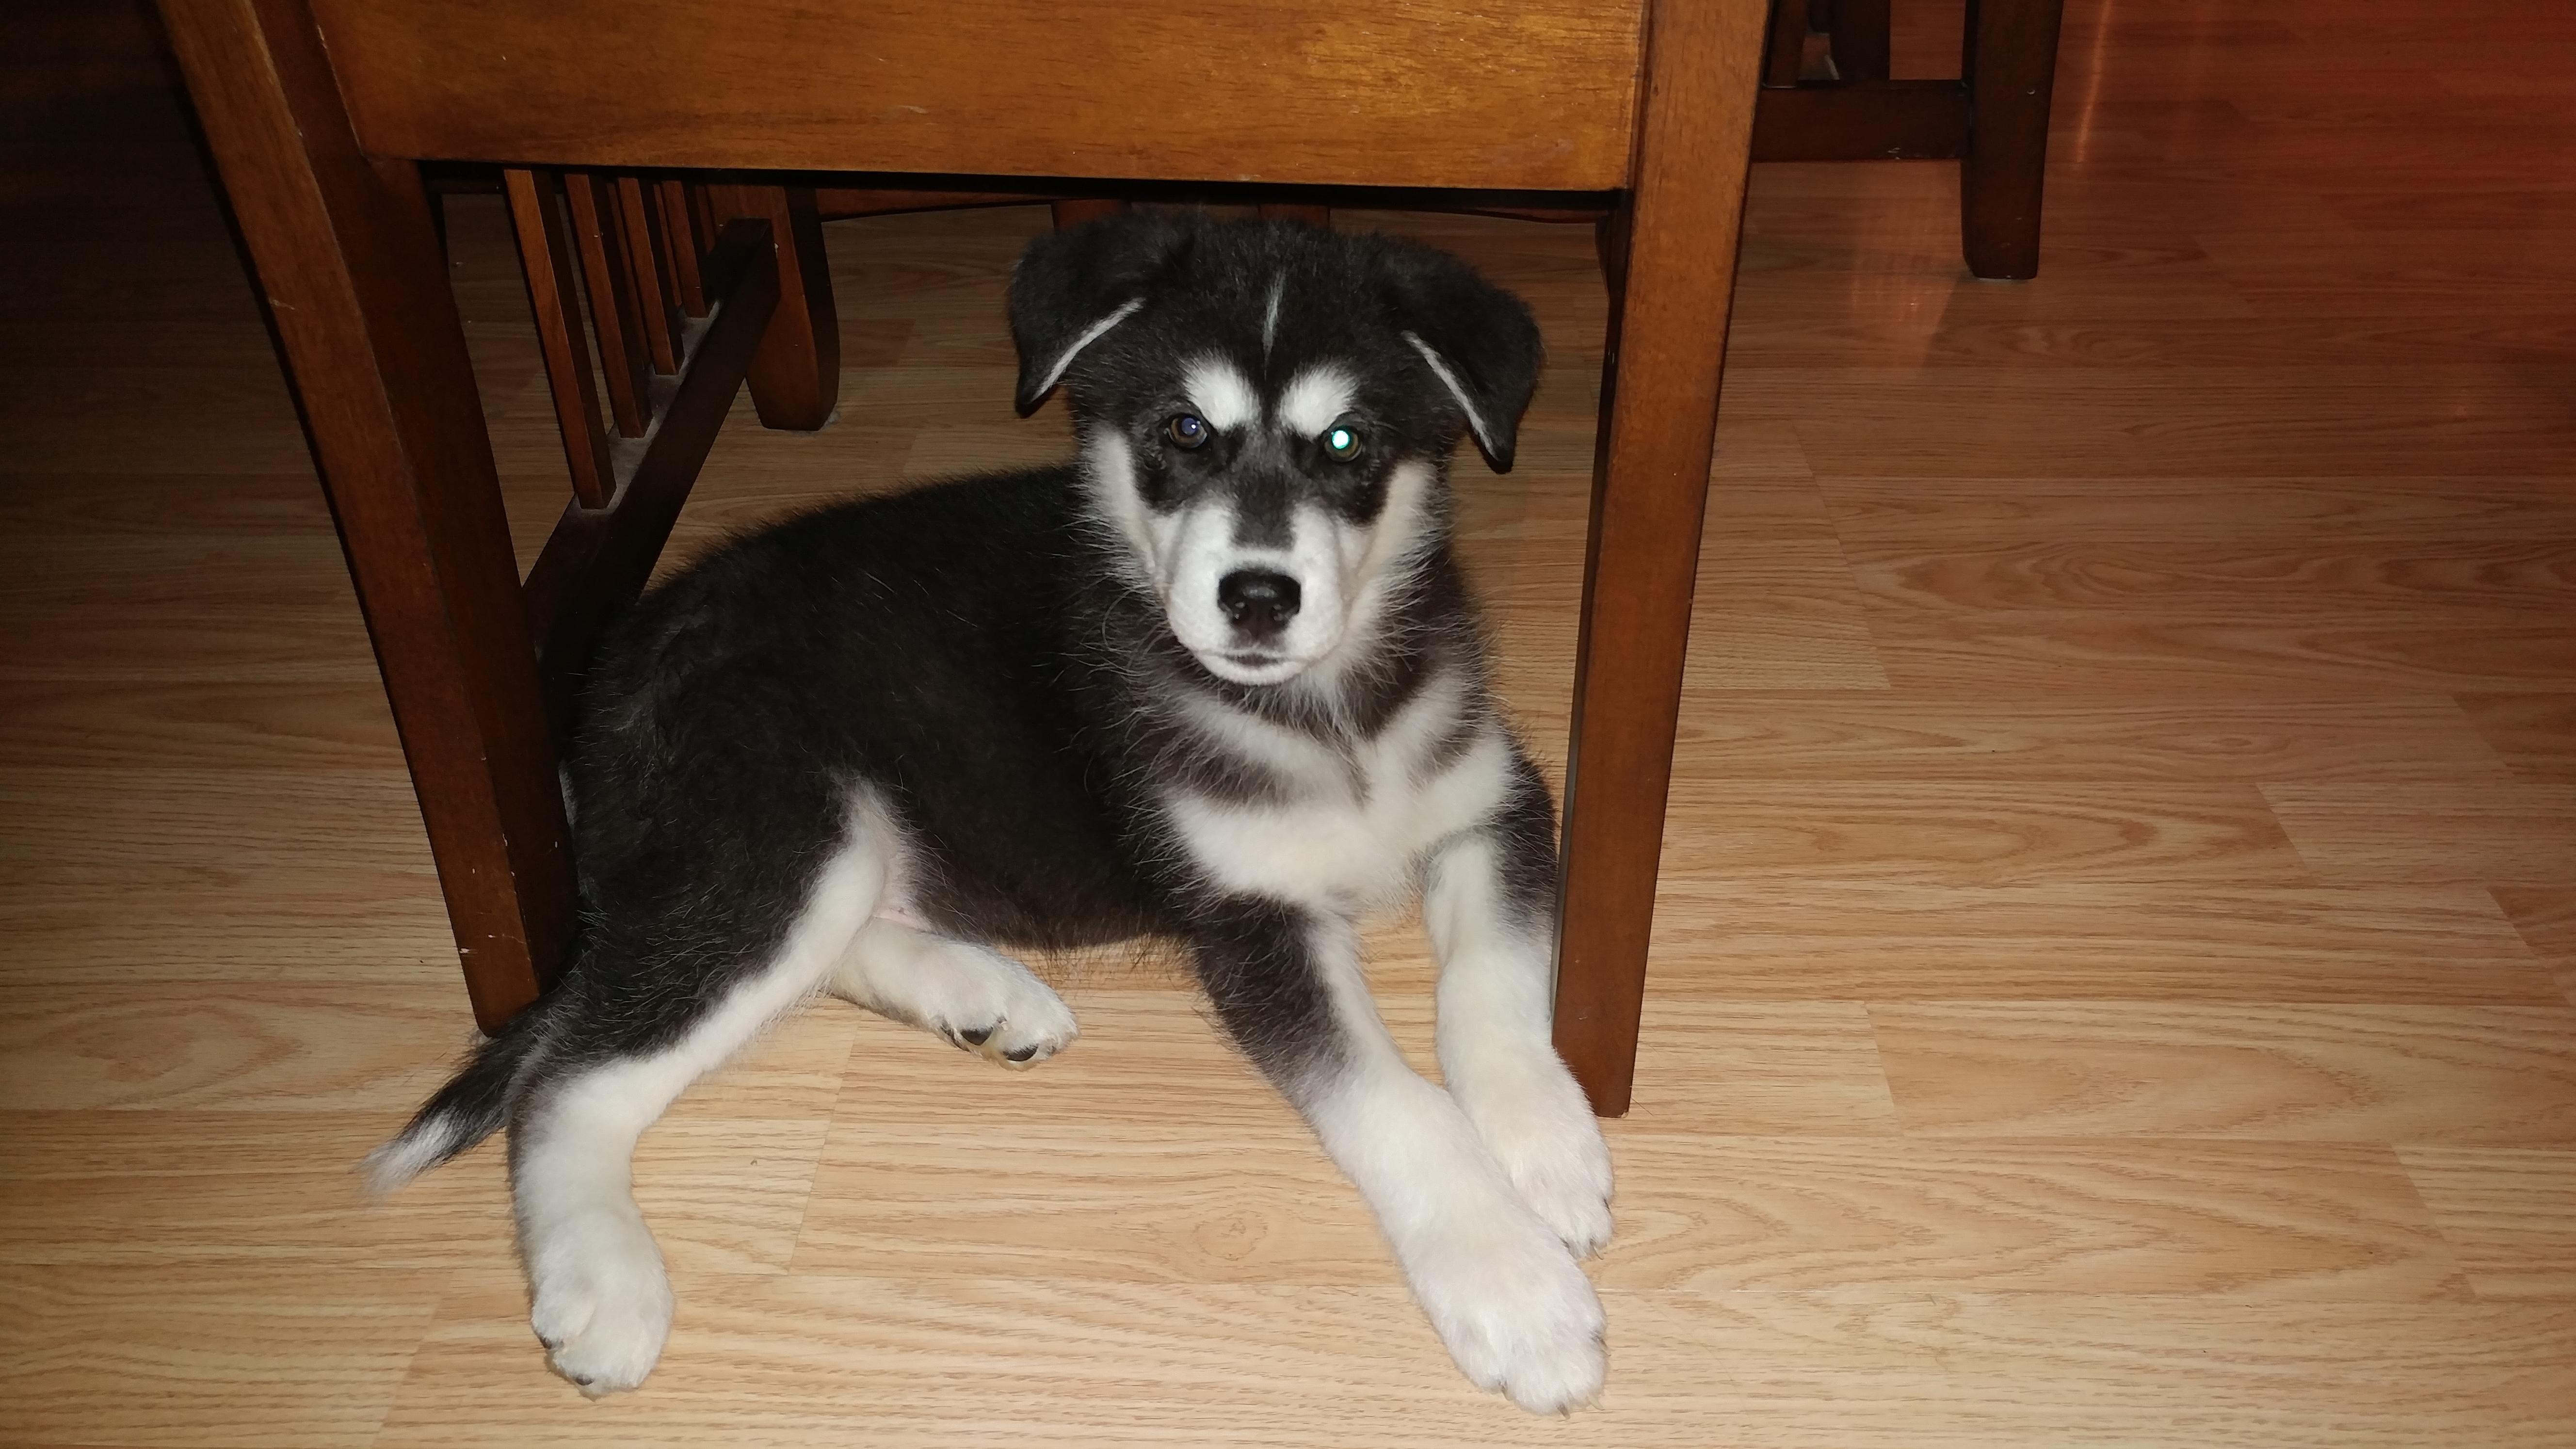 My newest good boy. Meet Rokket http//ift.tt/2zNzJvq